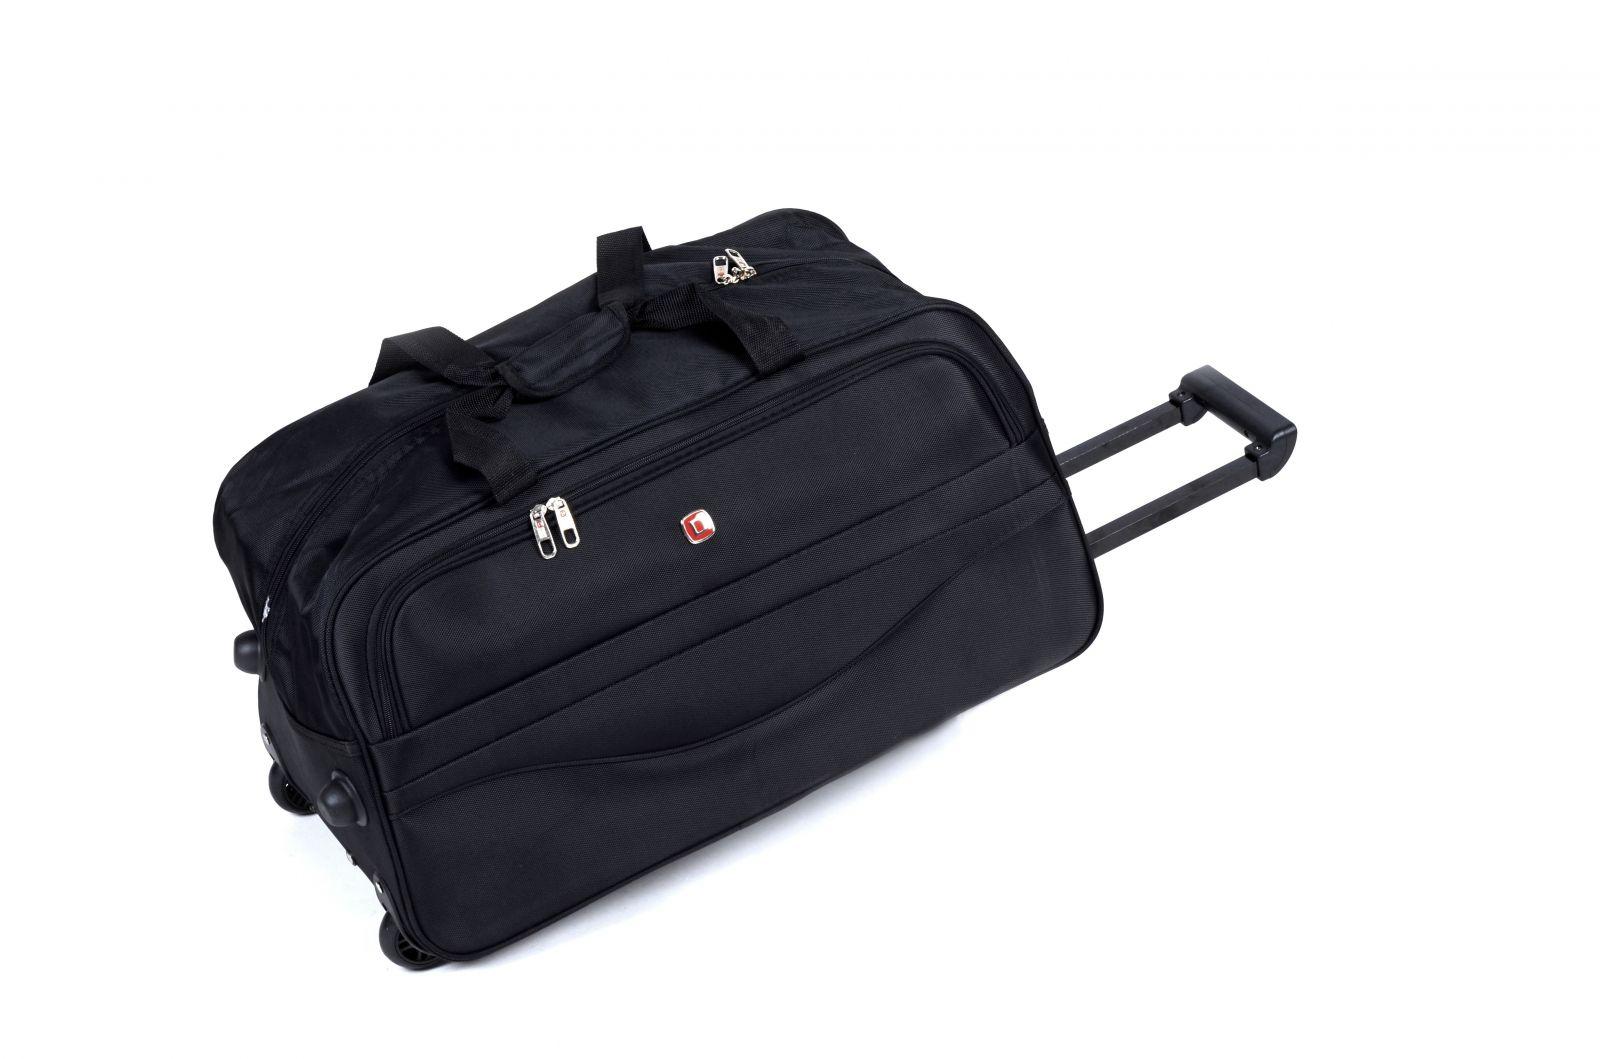 Cestovní taška na kolečkách GLORY velká černá